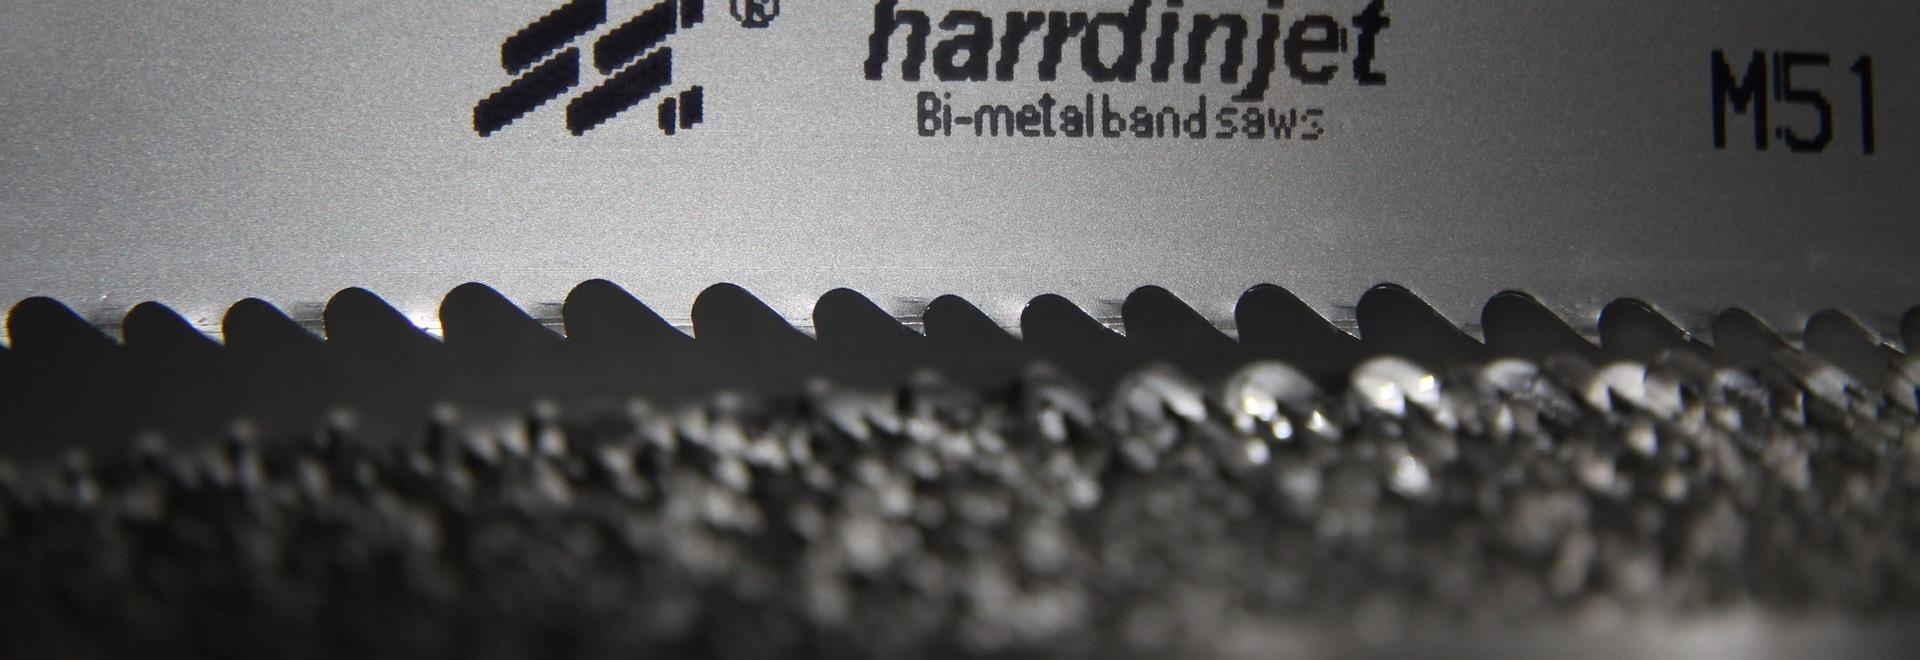 M51 Harrdinjet Bimetal band saw blades